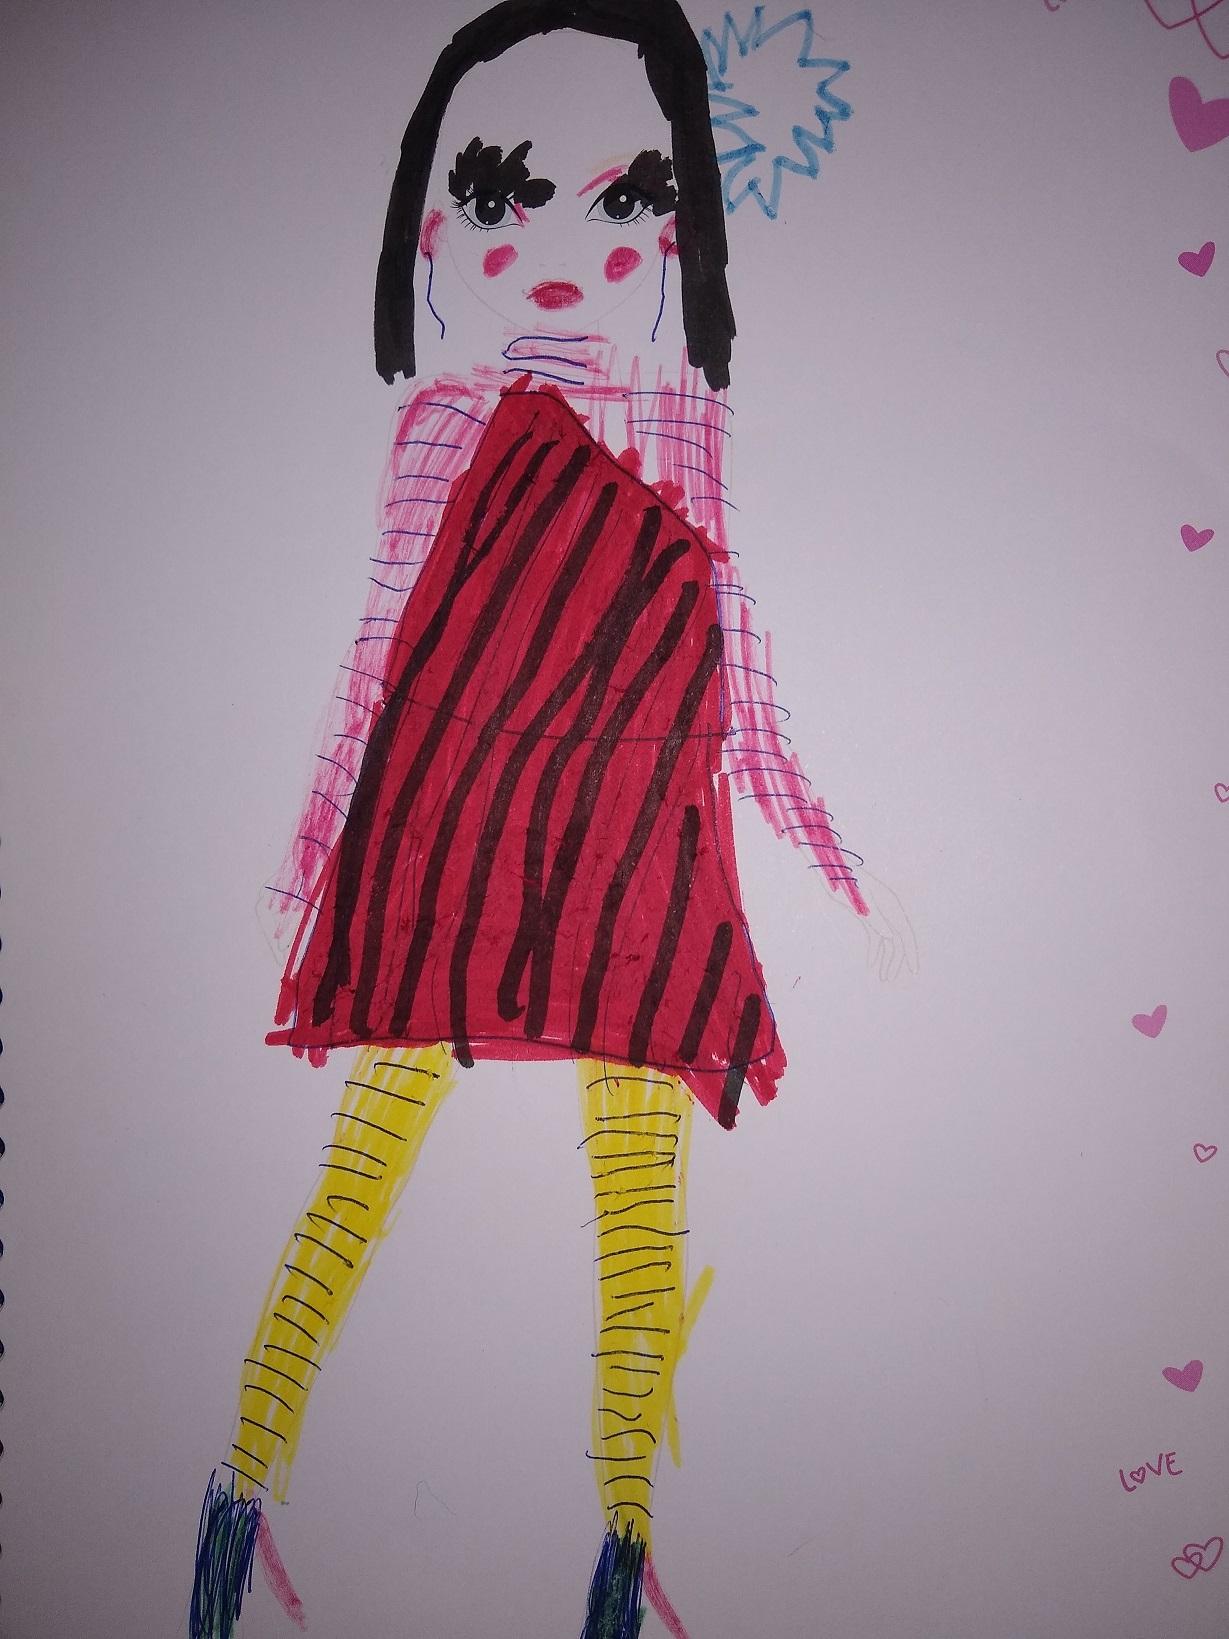 Kawi H., 6 Jahre, aus Offenbach am Main